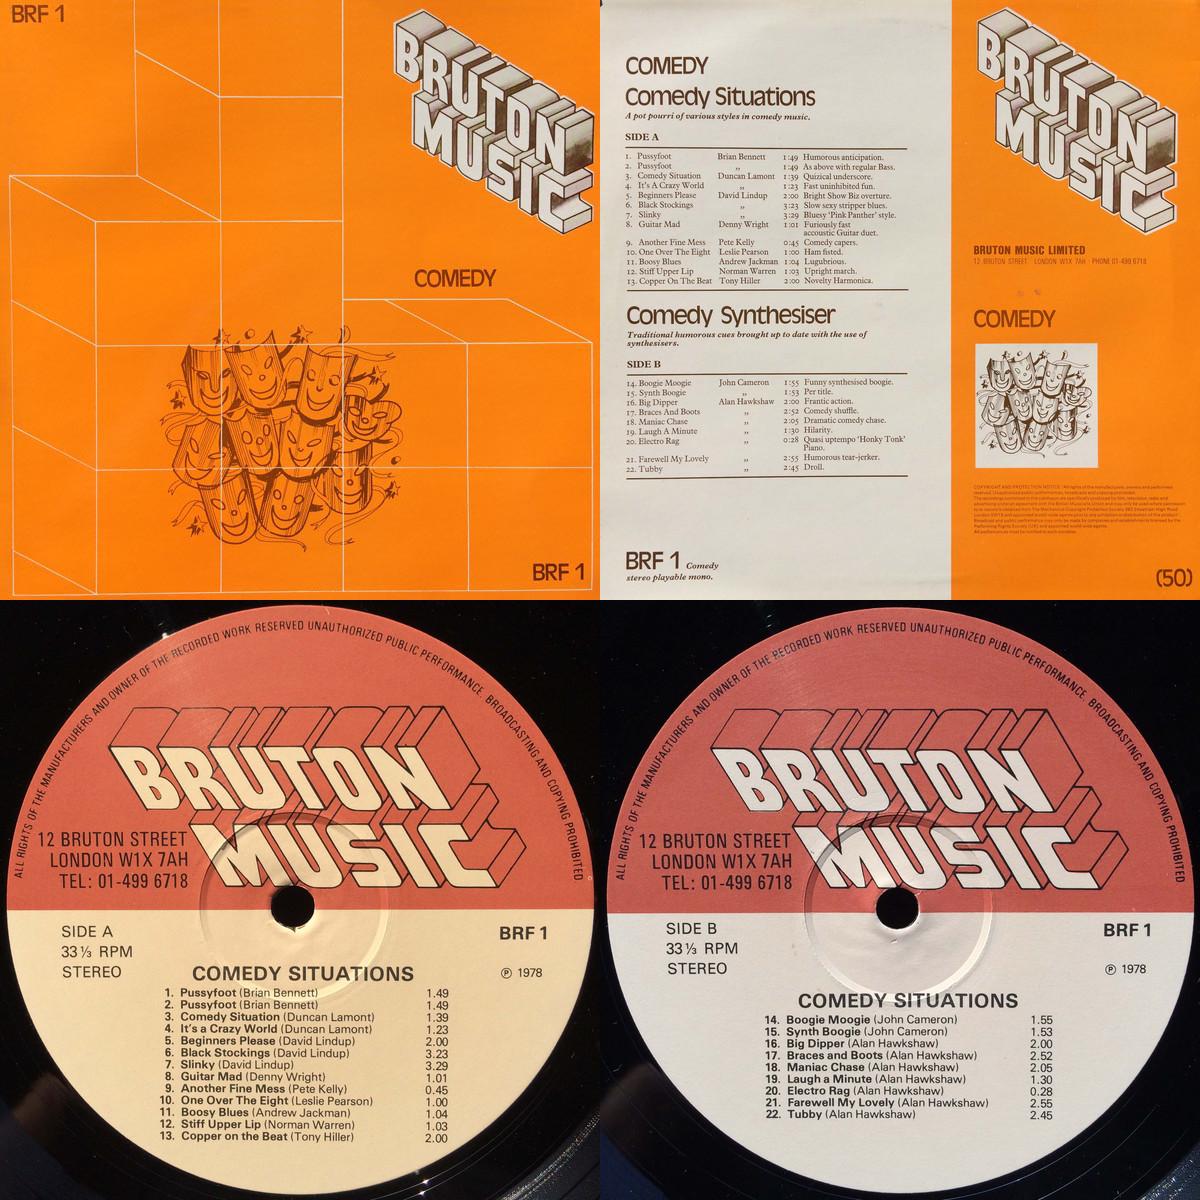 Imagens do LP Bruton Music - Comedy